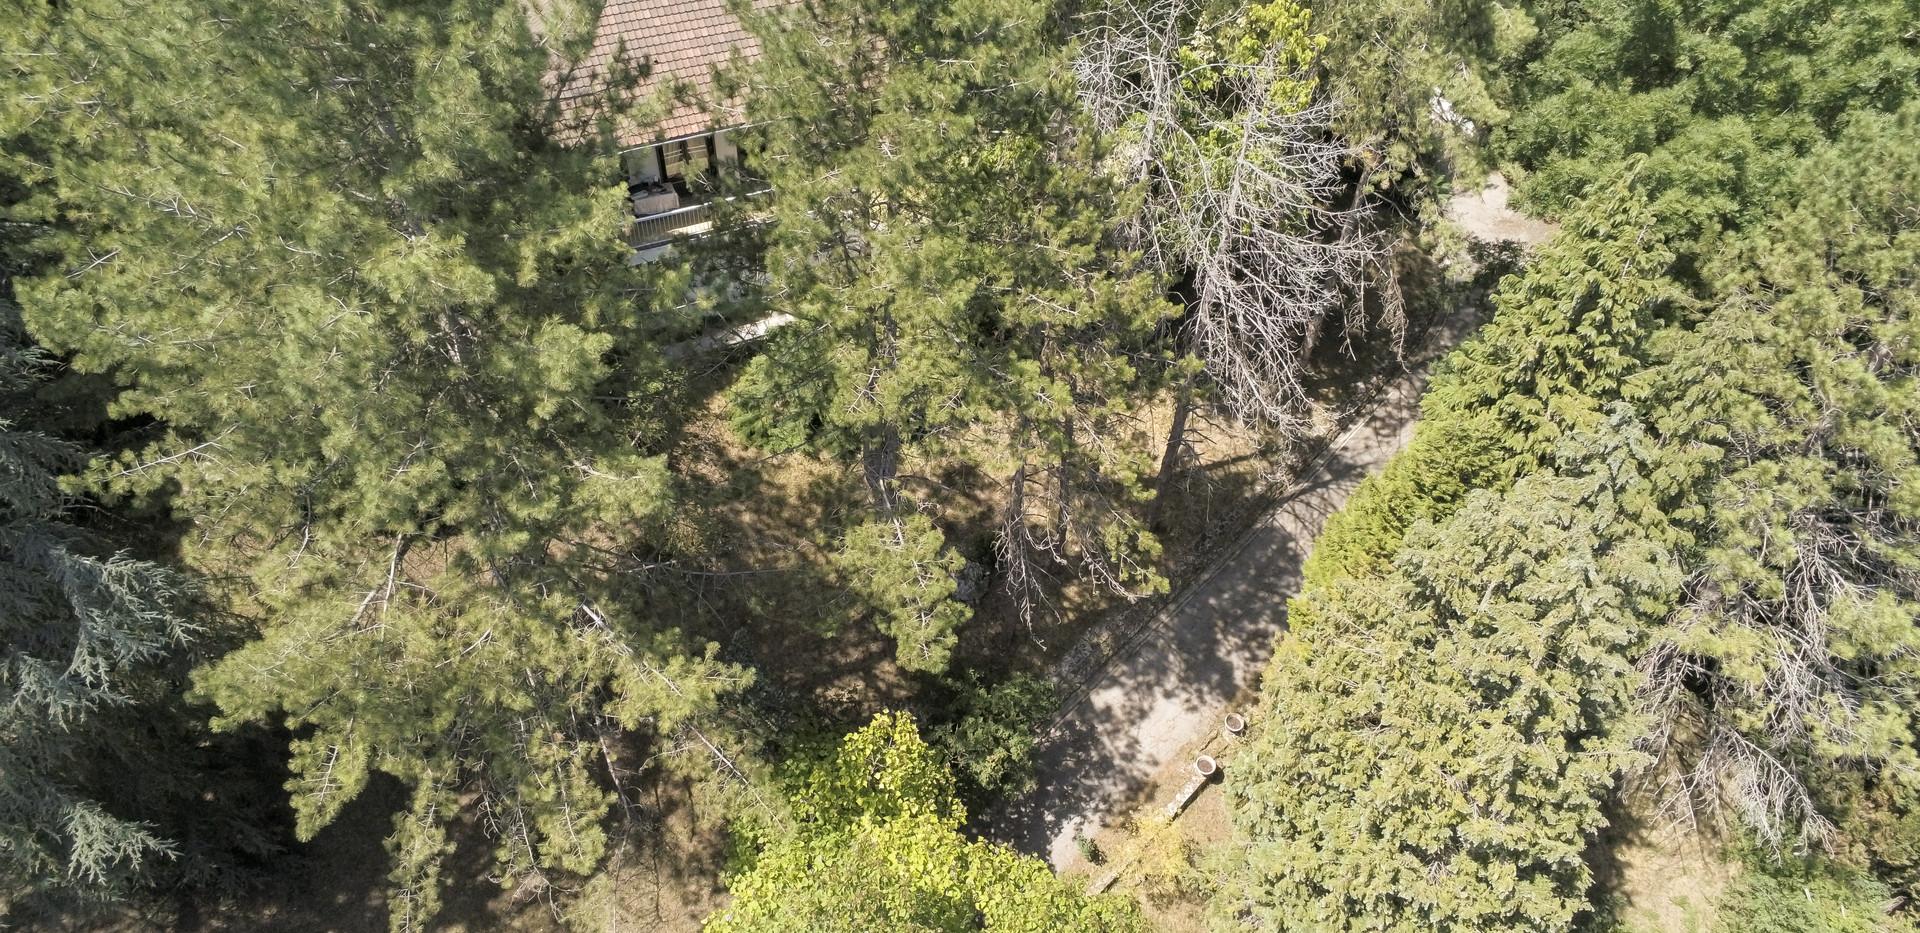 Photo Maison Arborée avec terrain